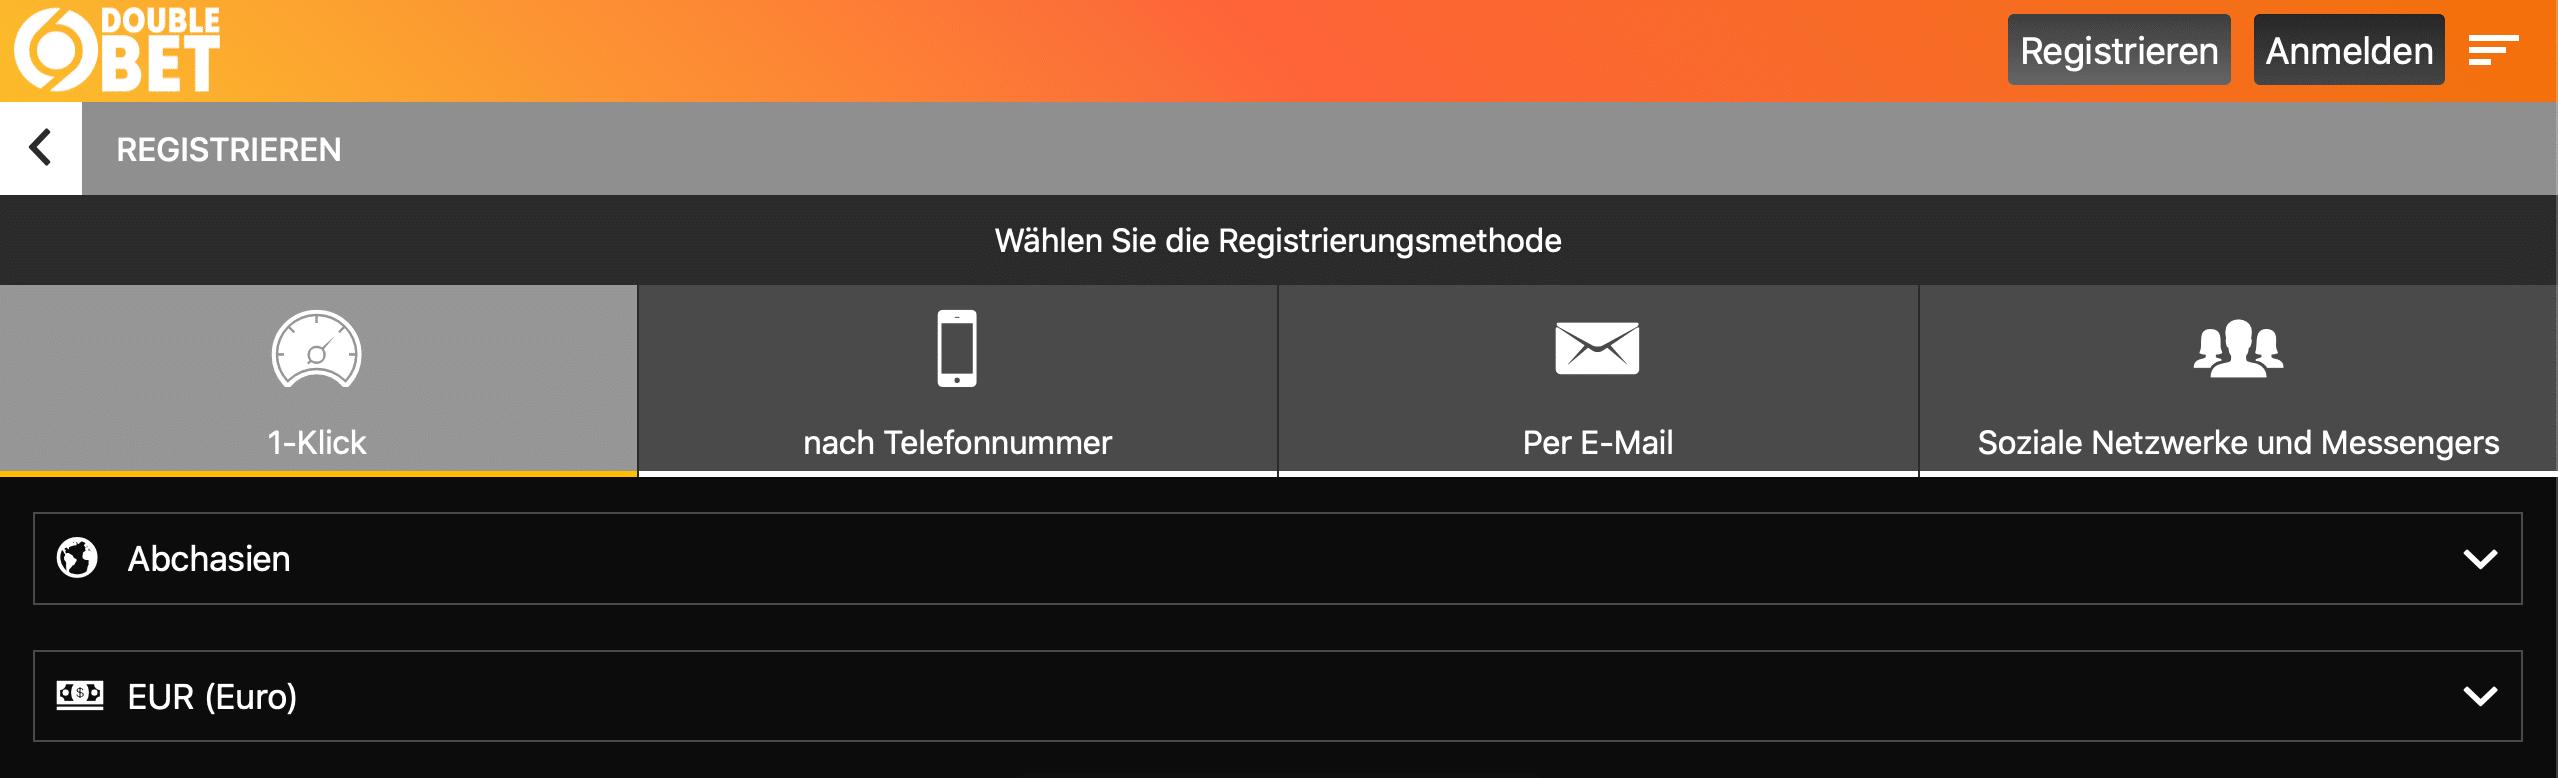 boublenet-register